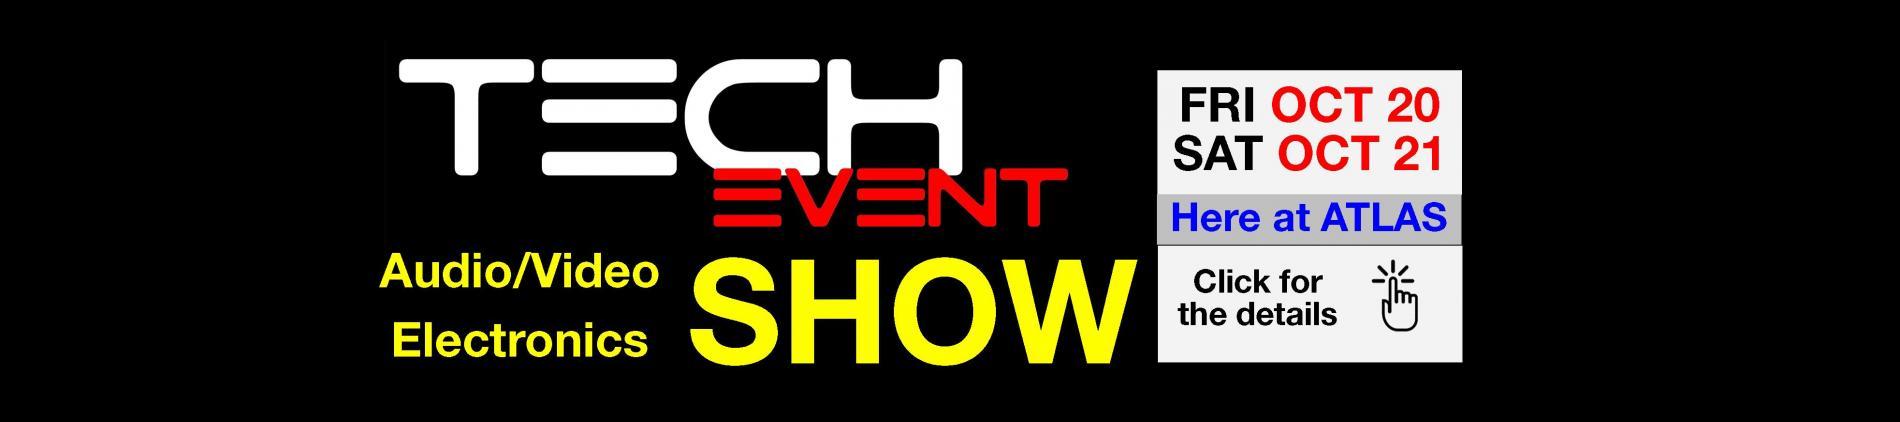 2017 Tech Event Info